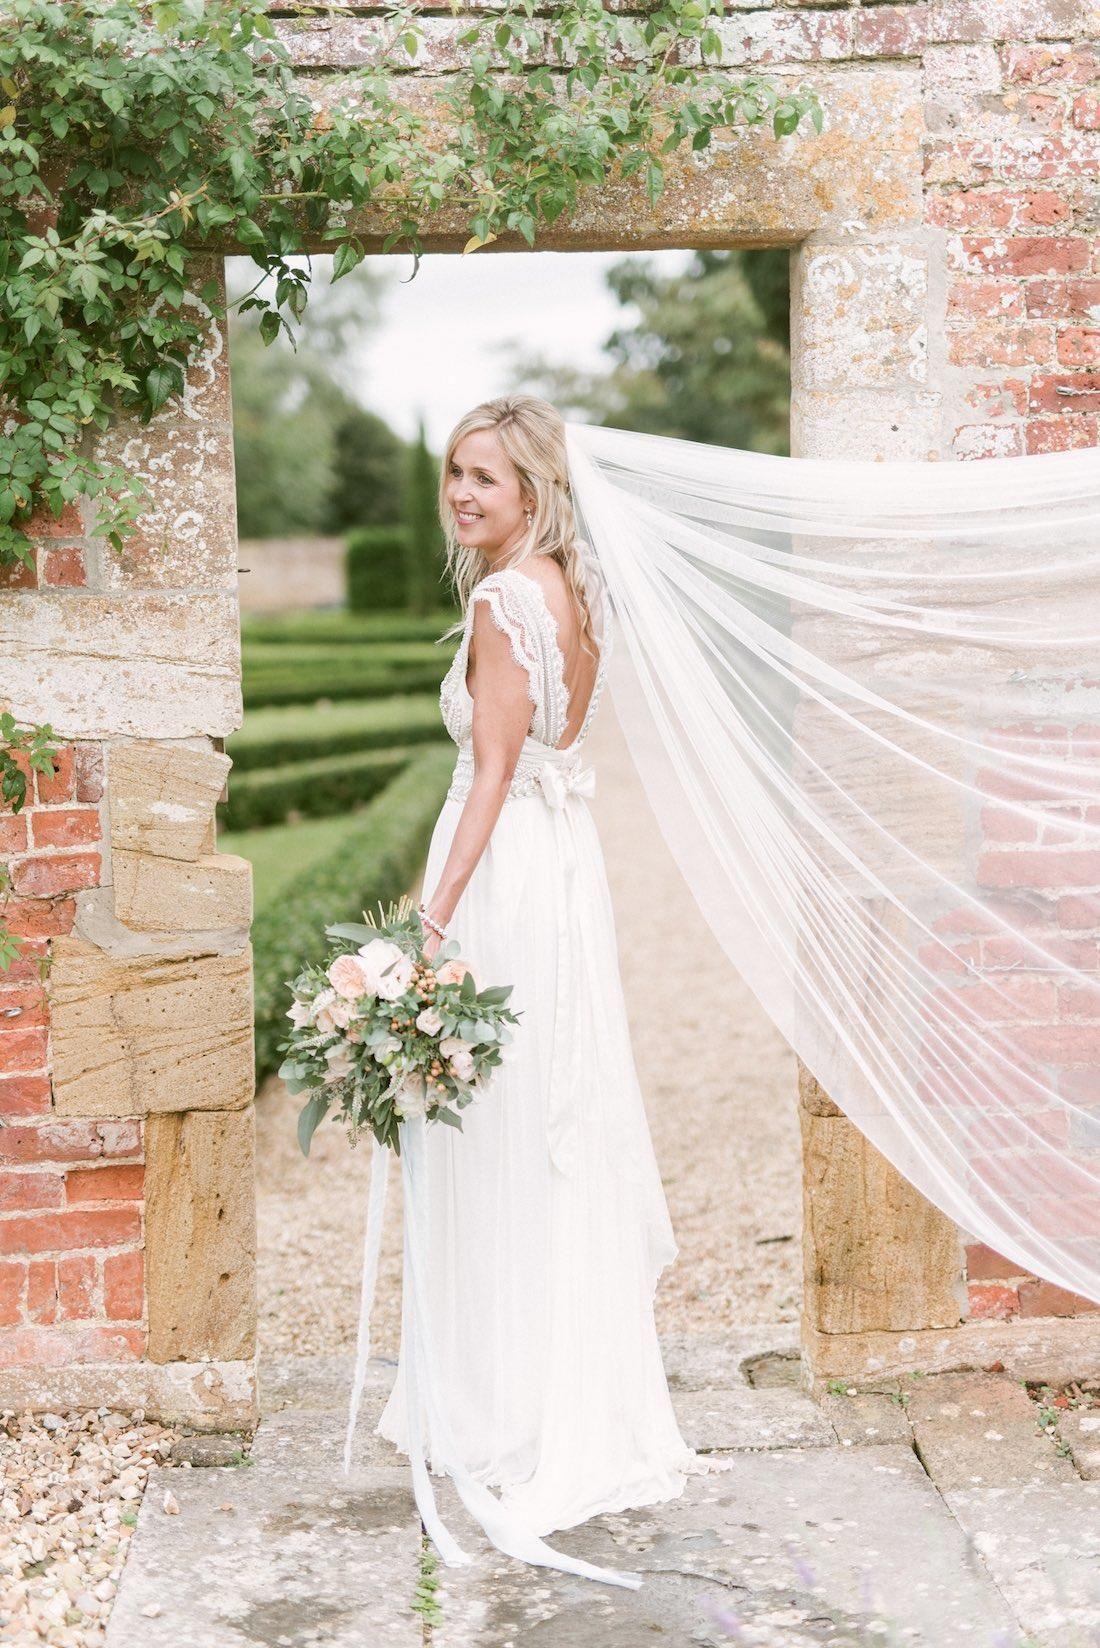 une robe de mariée bohème chic à dos nu en dentelle mis en valeur par un joli noeud à la taille et un voile léger